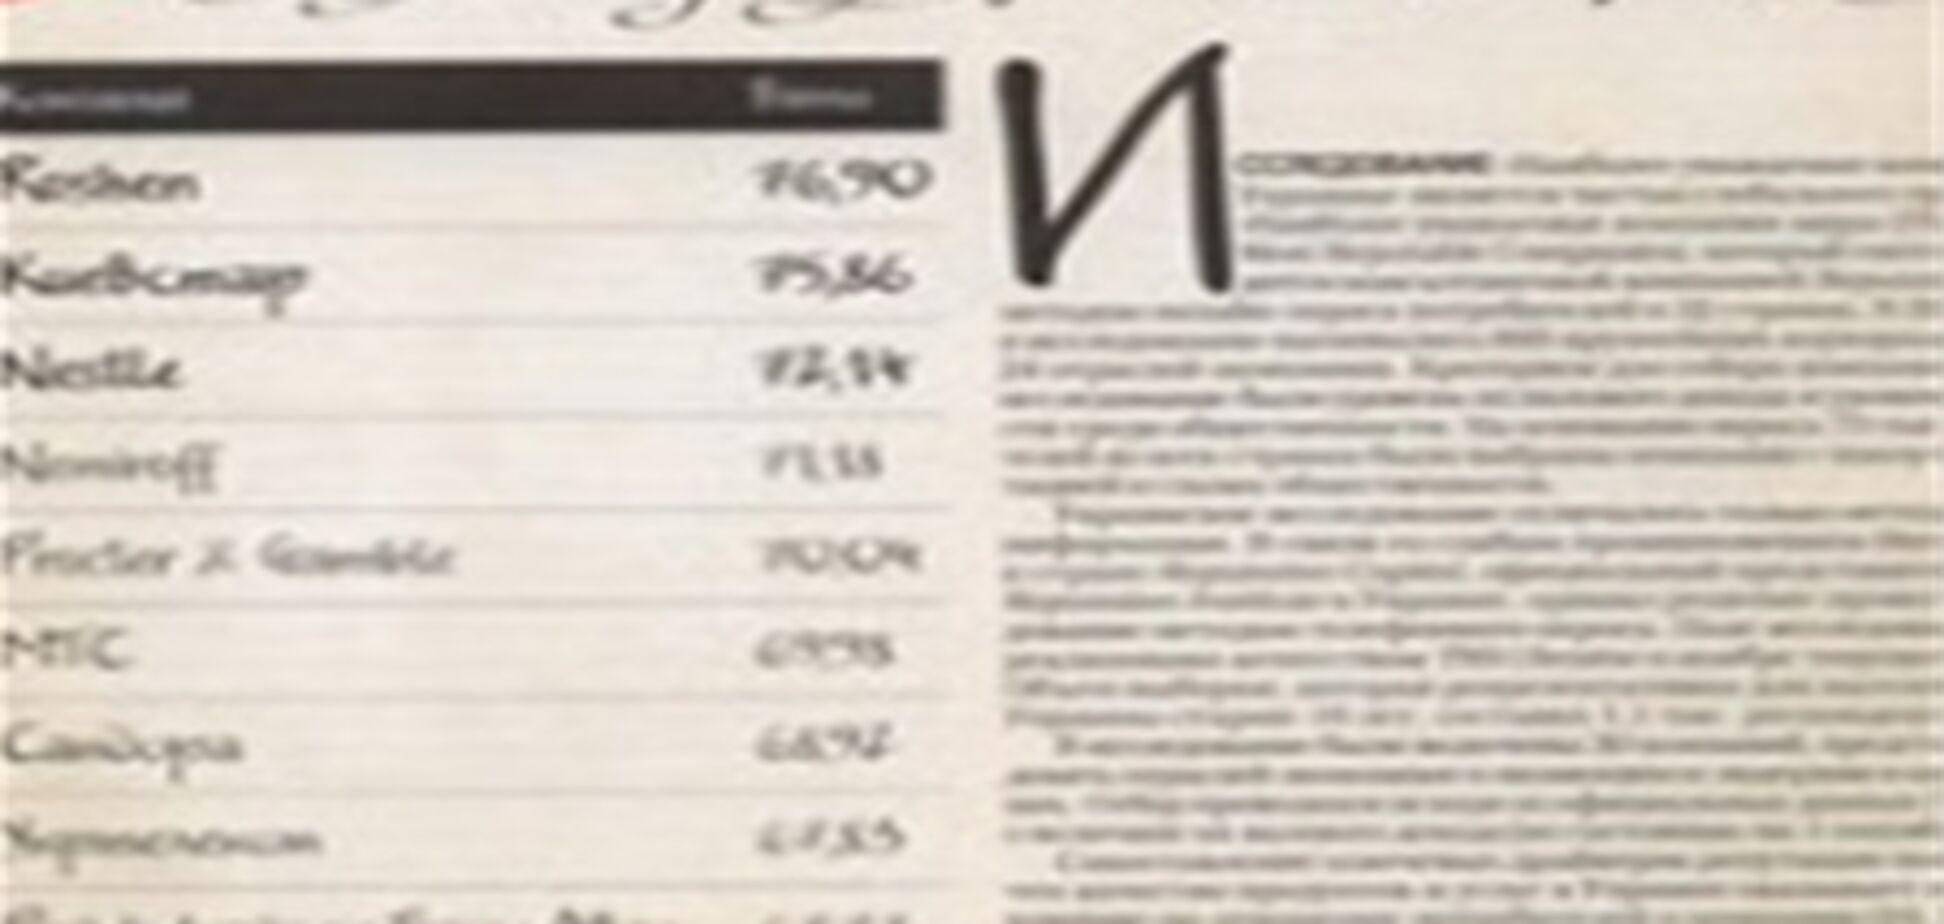 Украинские операторы вошли в 'тройку' самых уважаемых компаний Украины